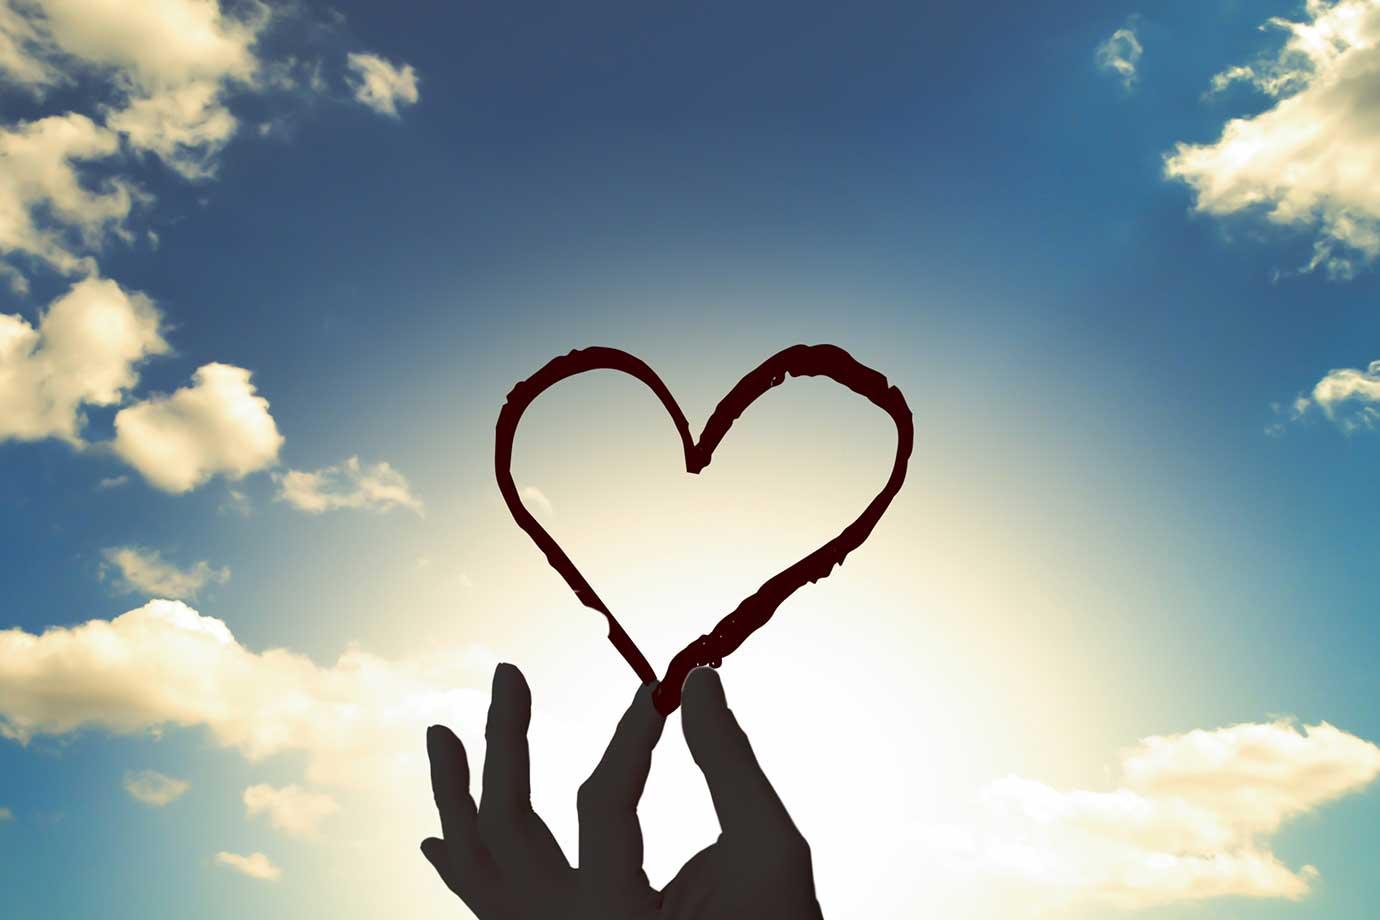 幸せになるためには(ง⁎˃ ᵕ ˂ )ง⁾⁾(ง⁎˃ ᵕ ˂ )ง⁾⁾